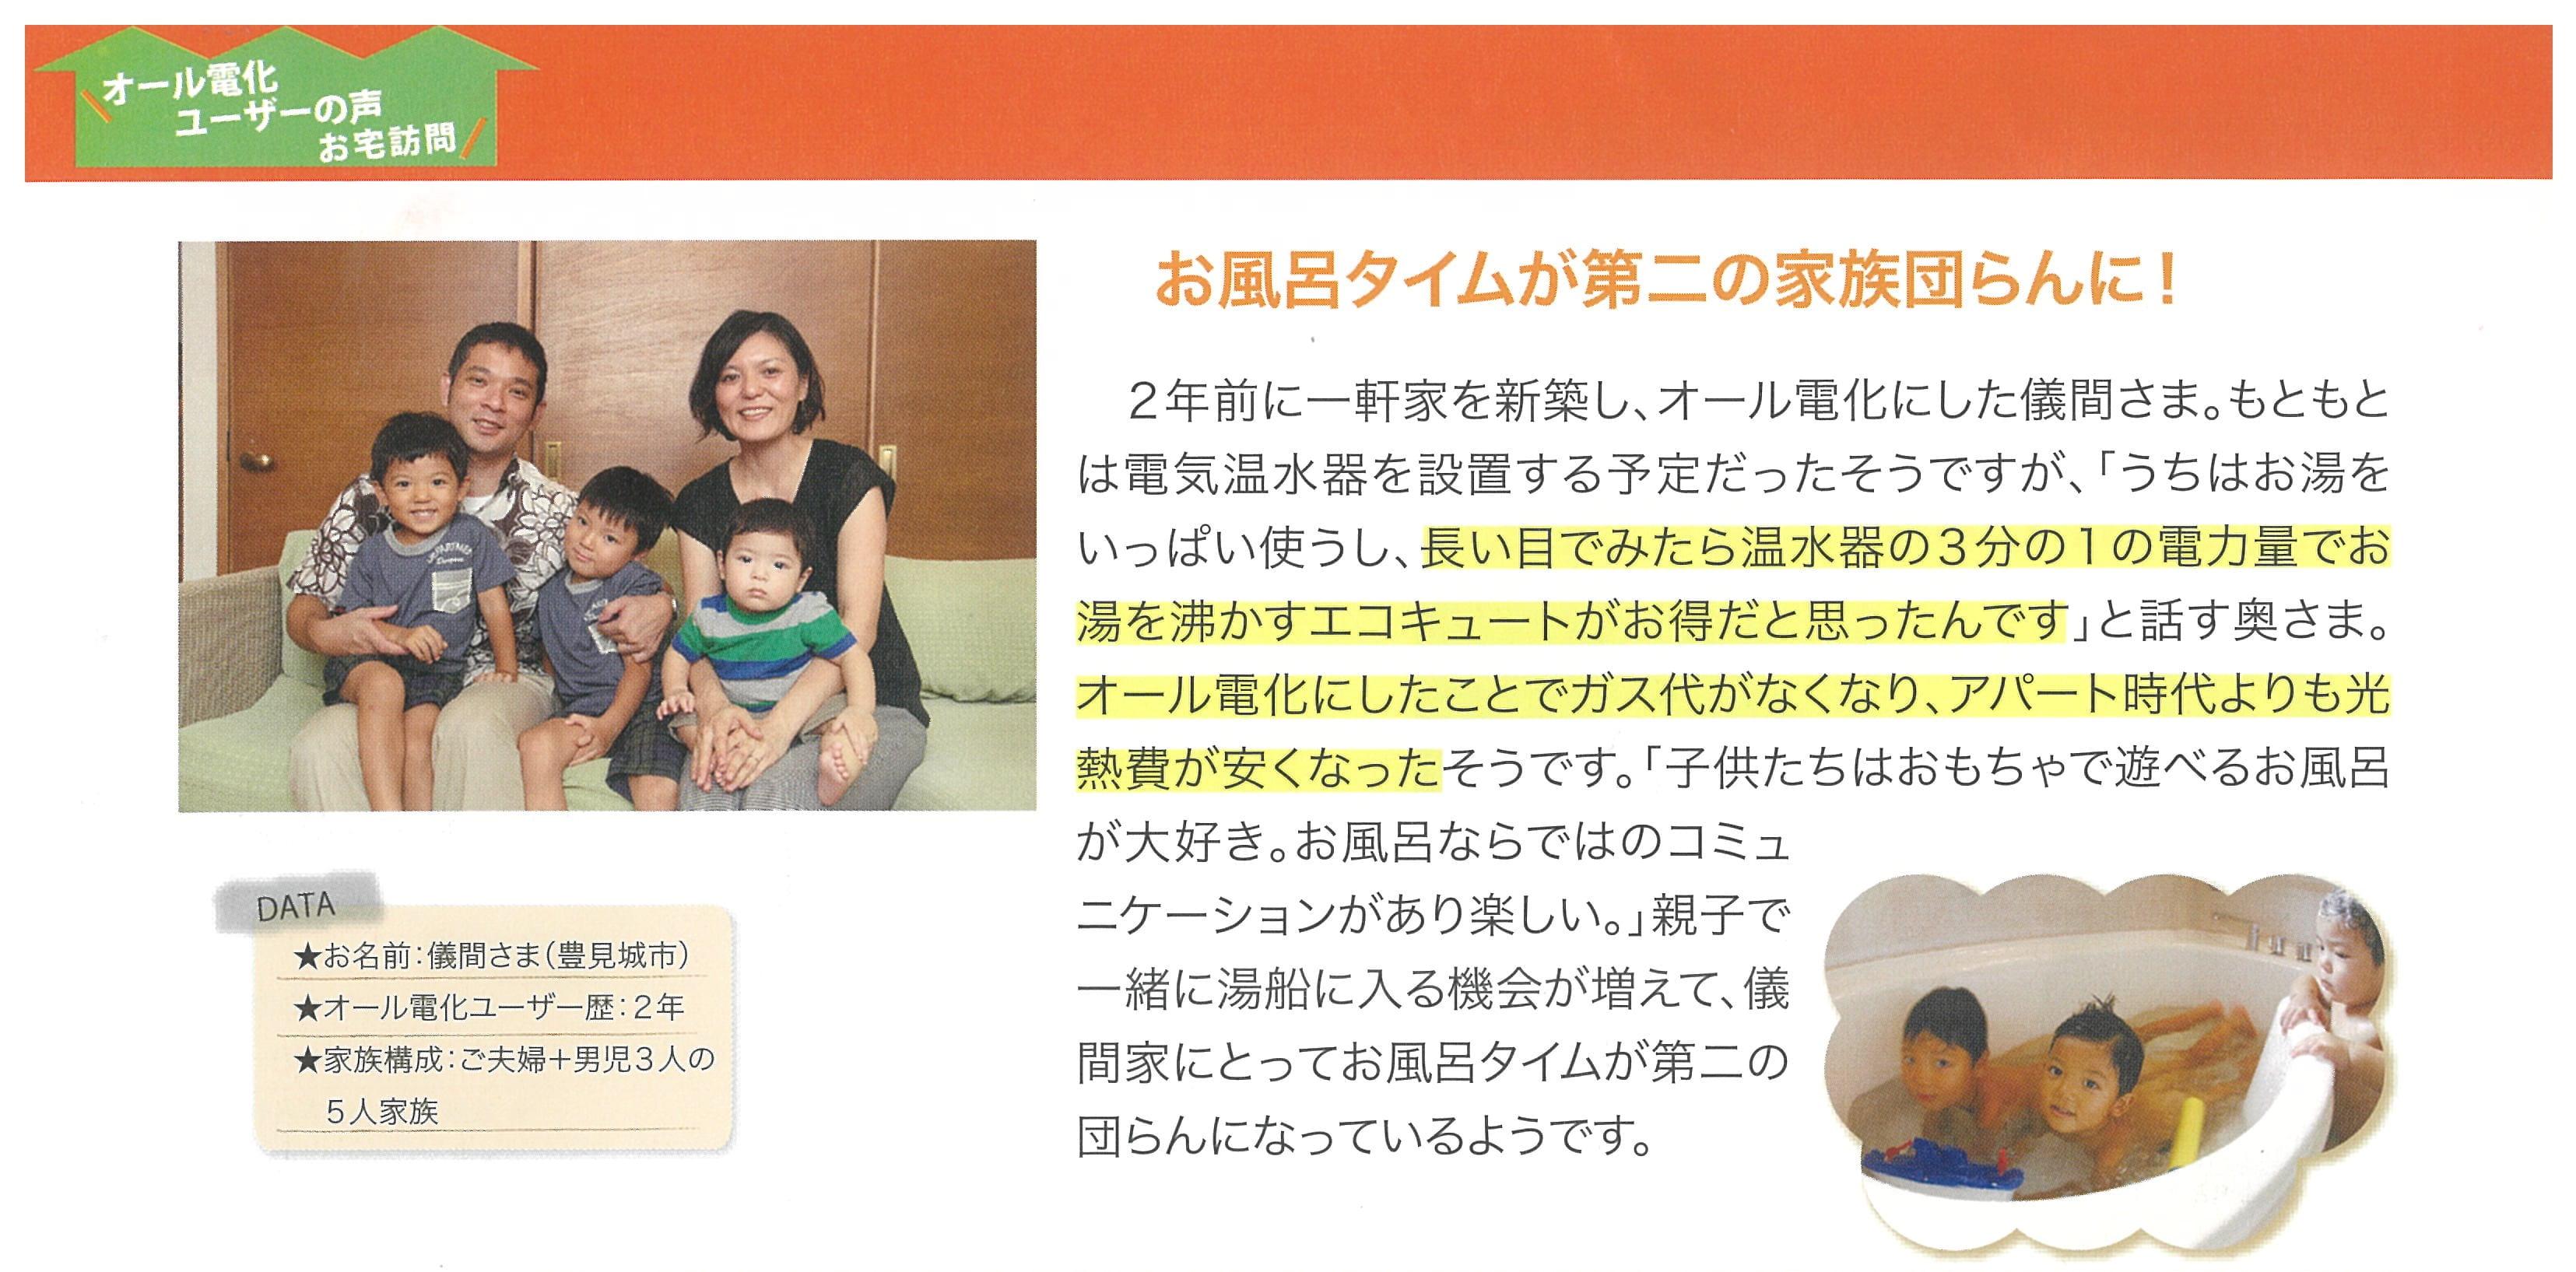 沖縄 エコキュートの口コミ